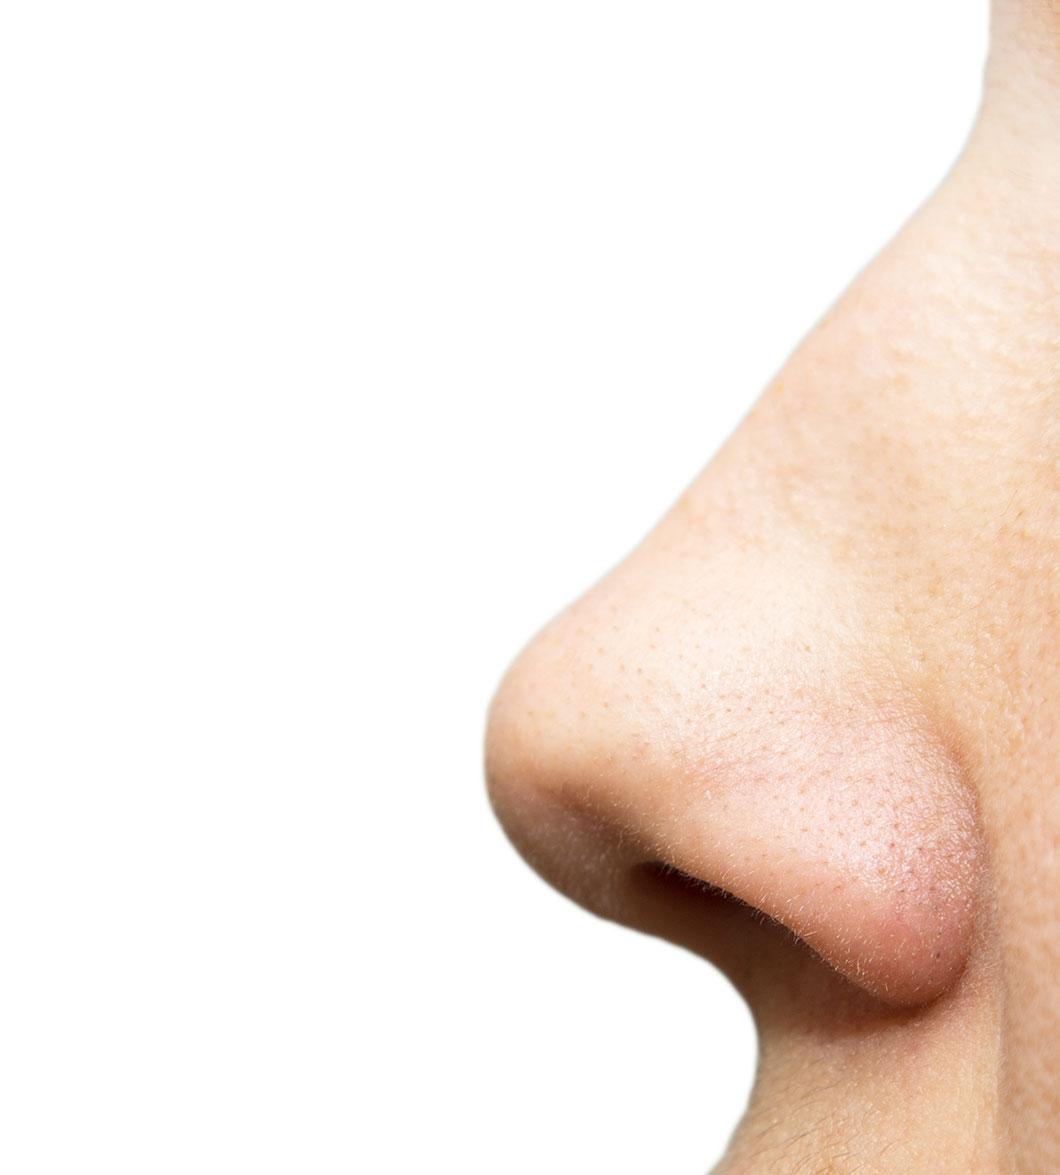 Cet organe est situé dans le nez via Depositphotos